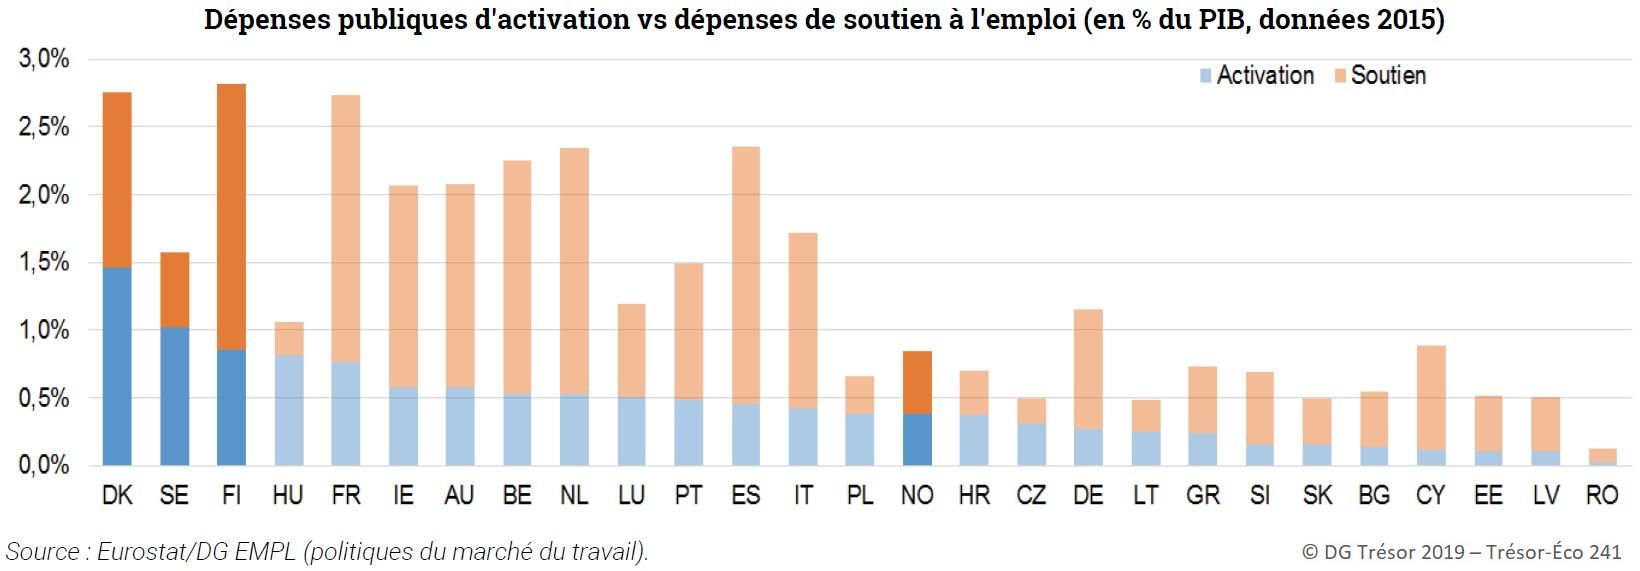 Graphique : Dépenses publiques d'activation vs dépenses de soutien à l'emploi (en % du PIB, 2015), UE et zone nordique